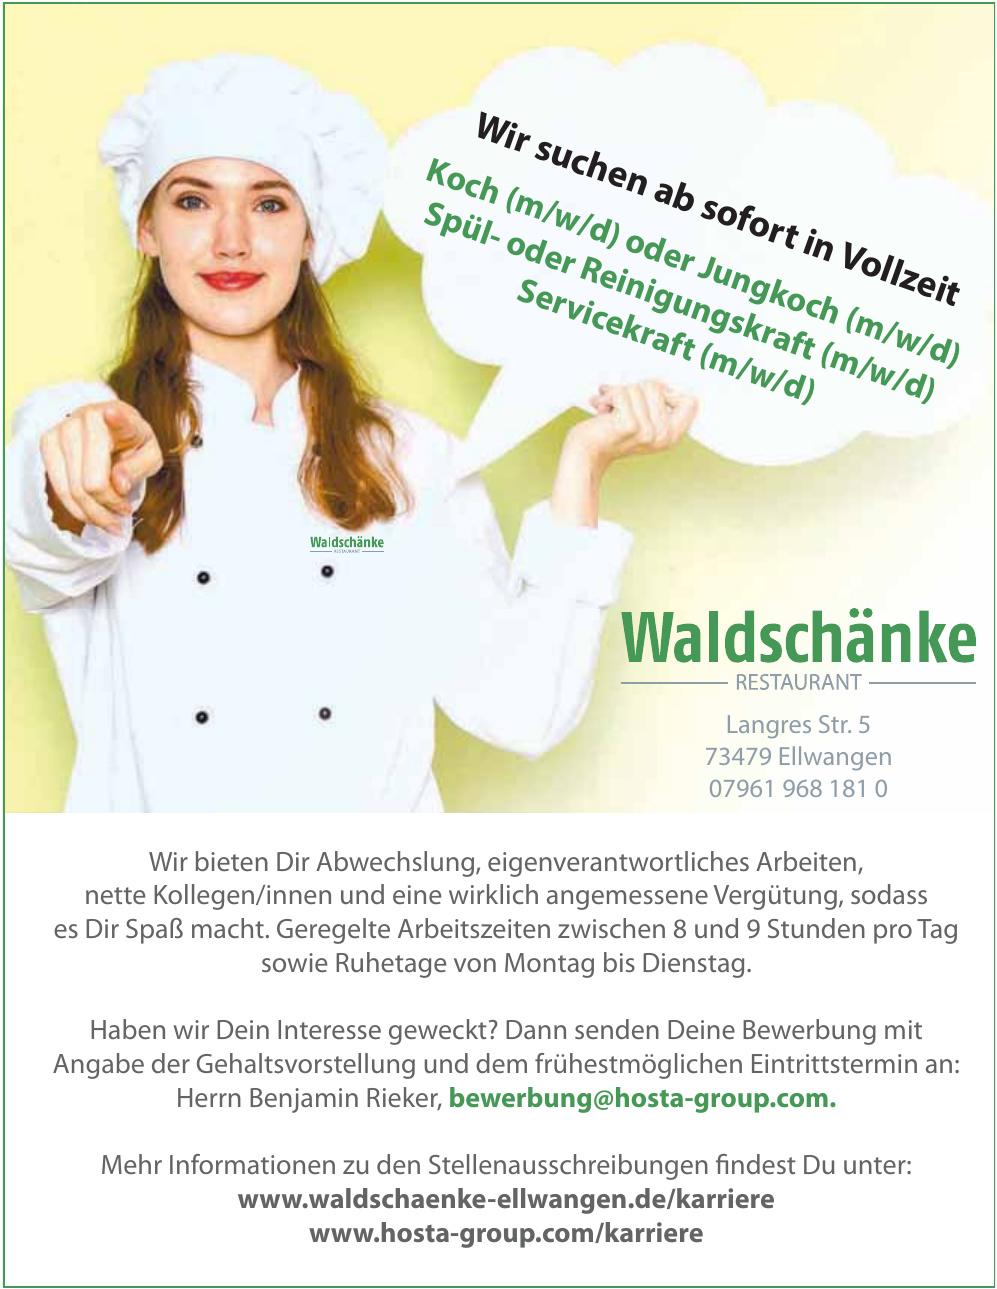 Waldschänke Restaurant